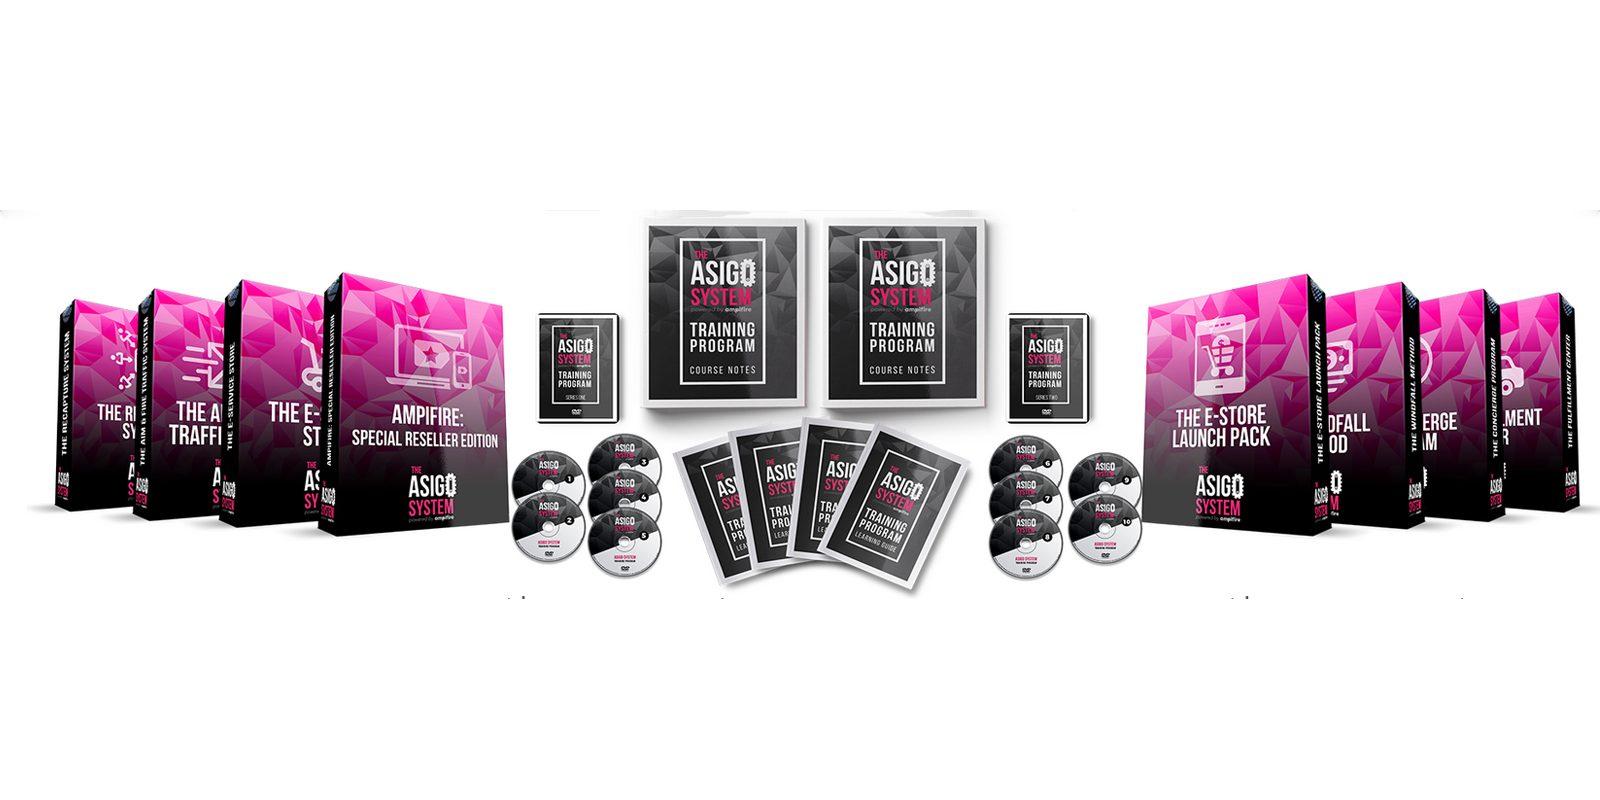 asigo system program